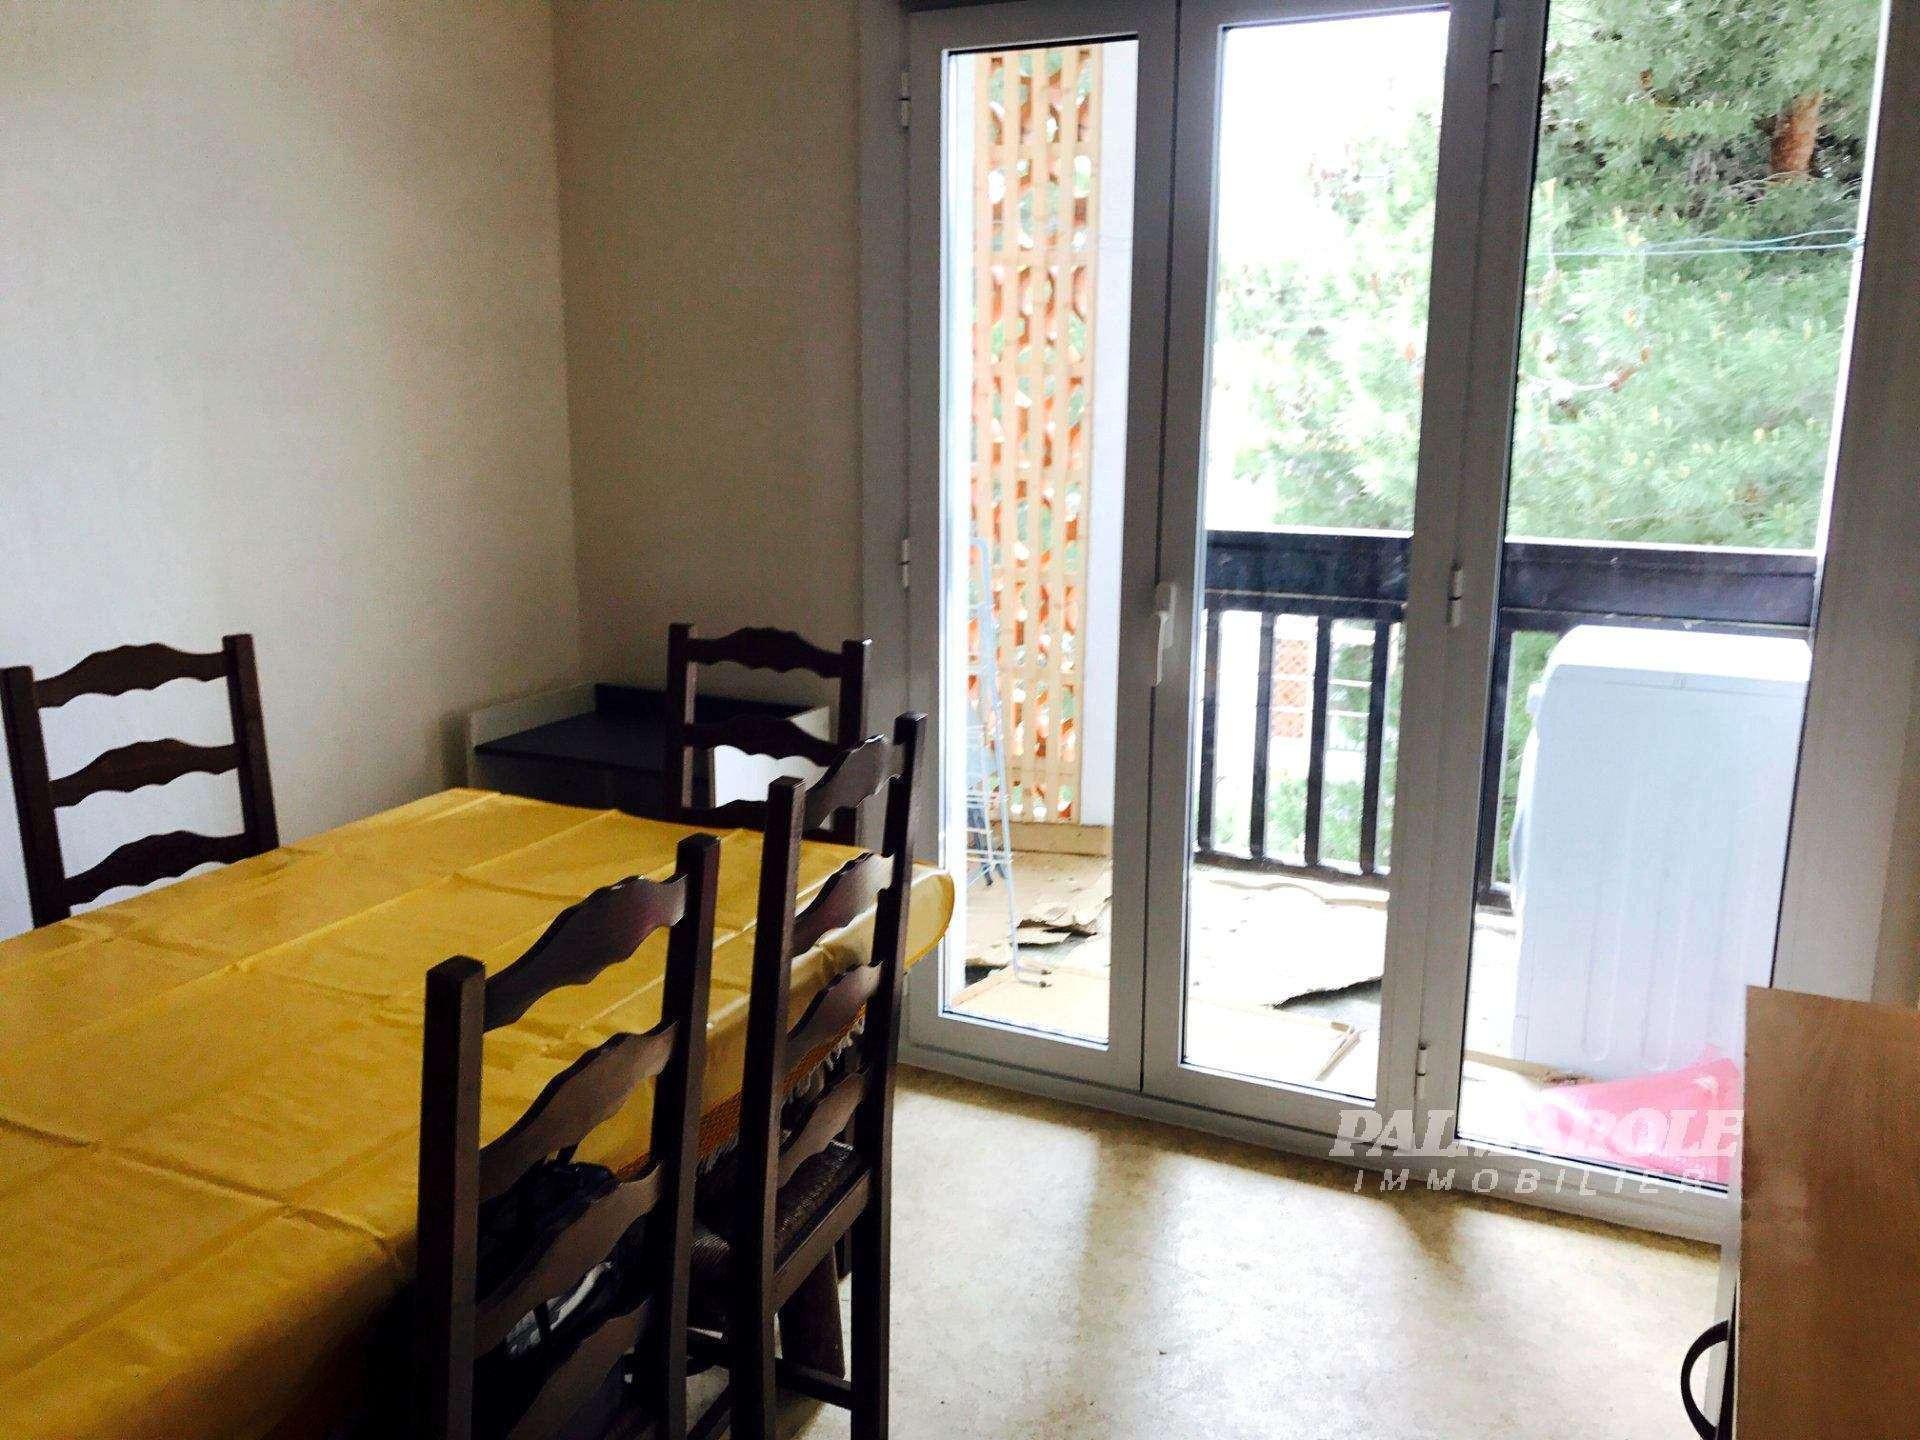 69 Schème Location Studio Meublé Bordeaux intérieur Studio Meublé Bordeaux